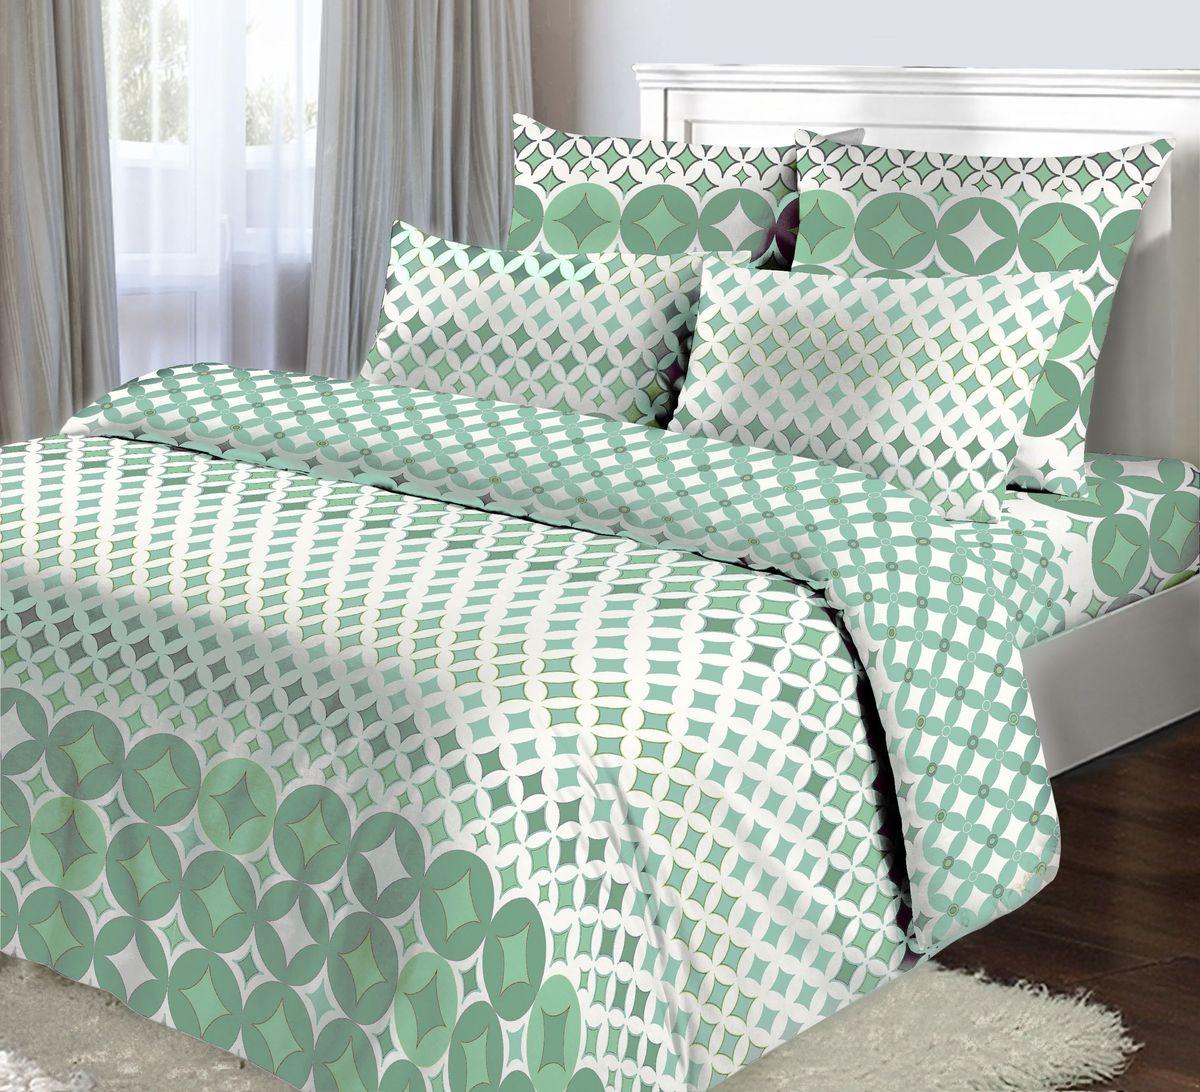 Комплект белья Коллекция Мята, 2-спальный, наволочки 70x70 смБКГ2 /70/ОЗ/мятаКомплект постельного белья Коллекция Мята выполнен из бязи (100% натурального хлопка). Комплект состоит из пододеяльника, простыни и двух наволочек. Постельное белье оформлено ярким красочным рисунком. Хорошая, качественная бязь всегда ценилась любителями спокойного и комфортного сна. Гладкая структура делает ткань приятной на ощупь, мягкой и нежной, при этом она прочная и хорошо сохраняет форму. Благодаря такому комплекту постельного белья вы сможете создать атмосферу роскоши и романтики в вашей спальне.